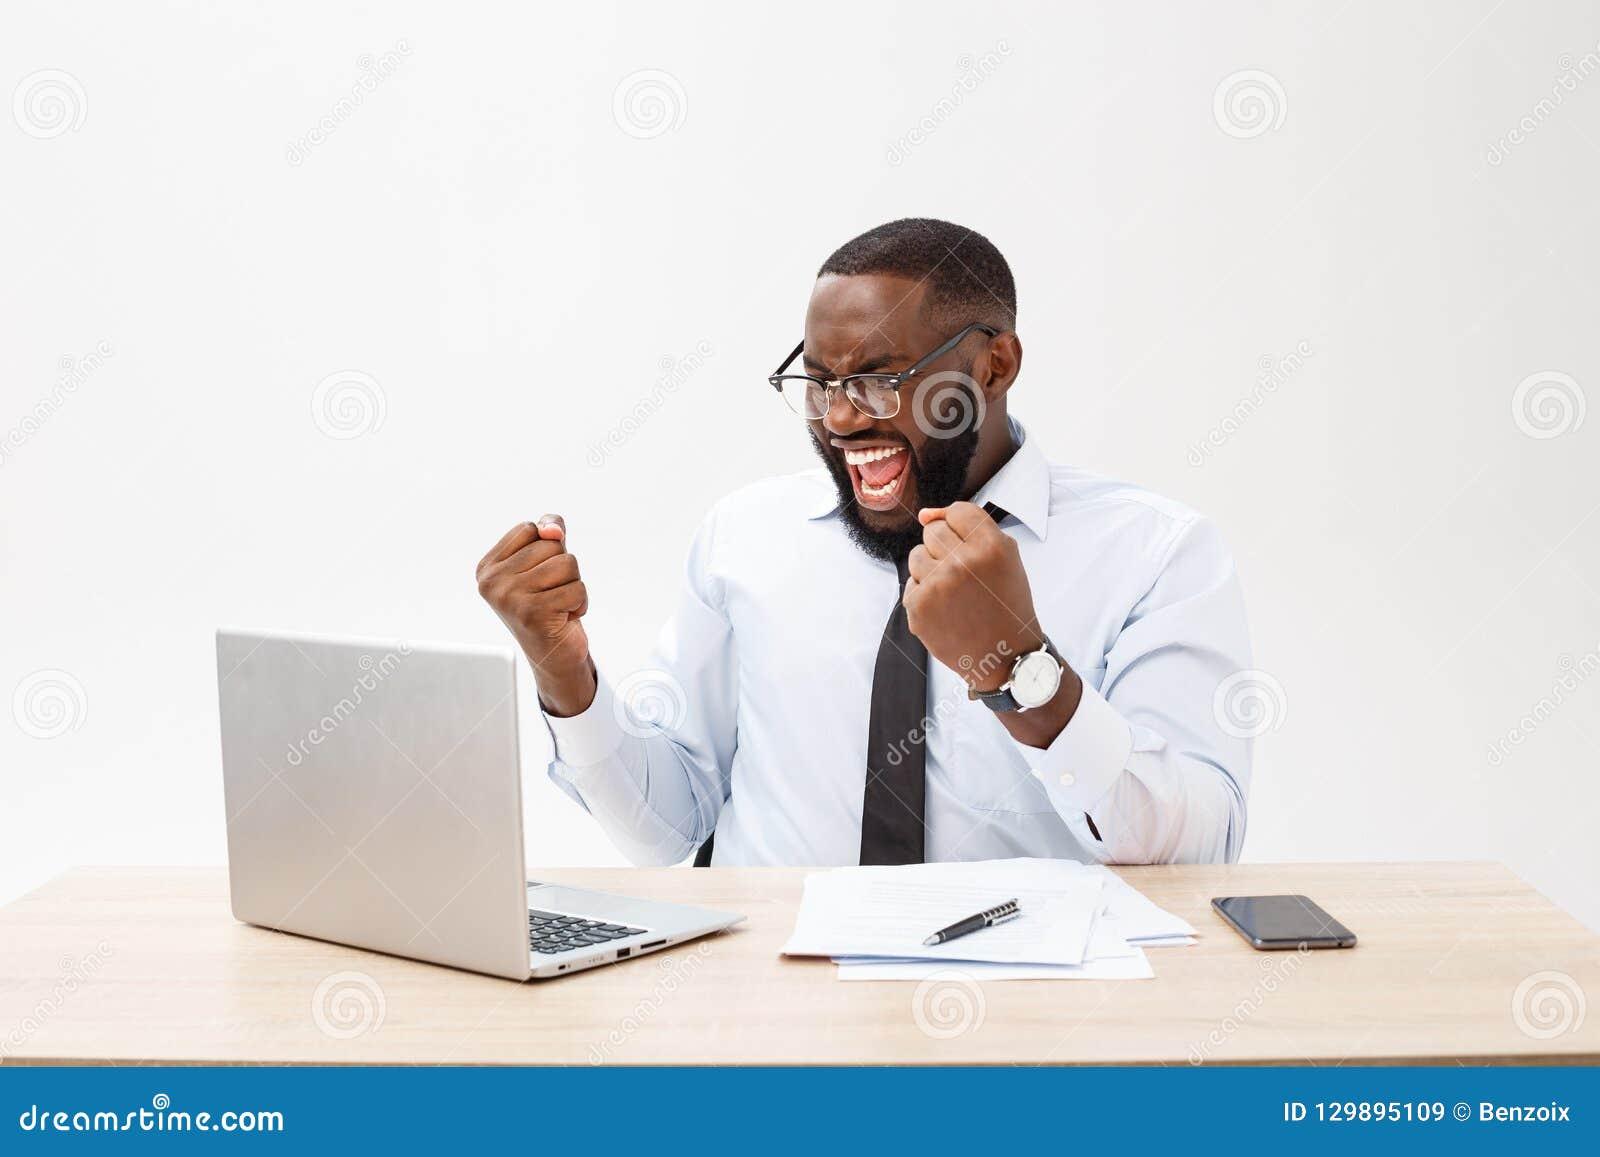 Affären är hans liv Gladlynt ung afrikansk man i formella kläder och arbeta på bärbara datorn